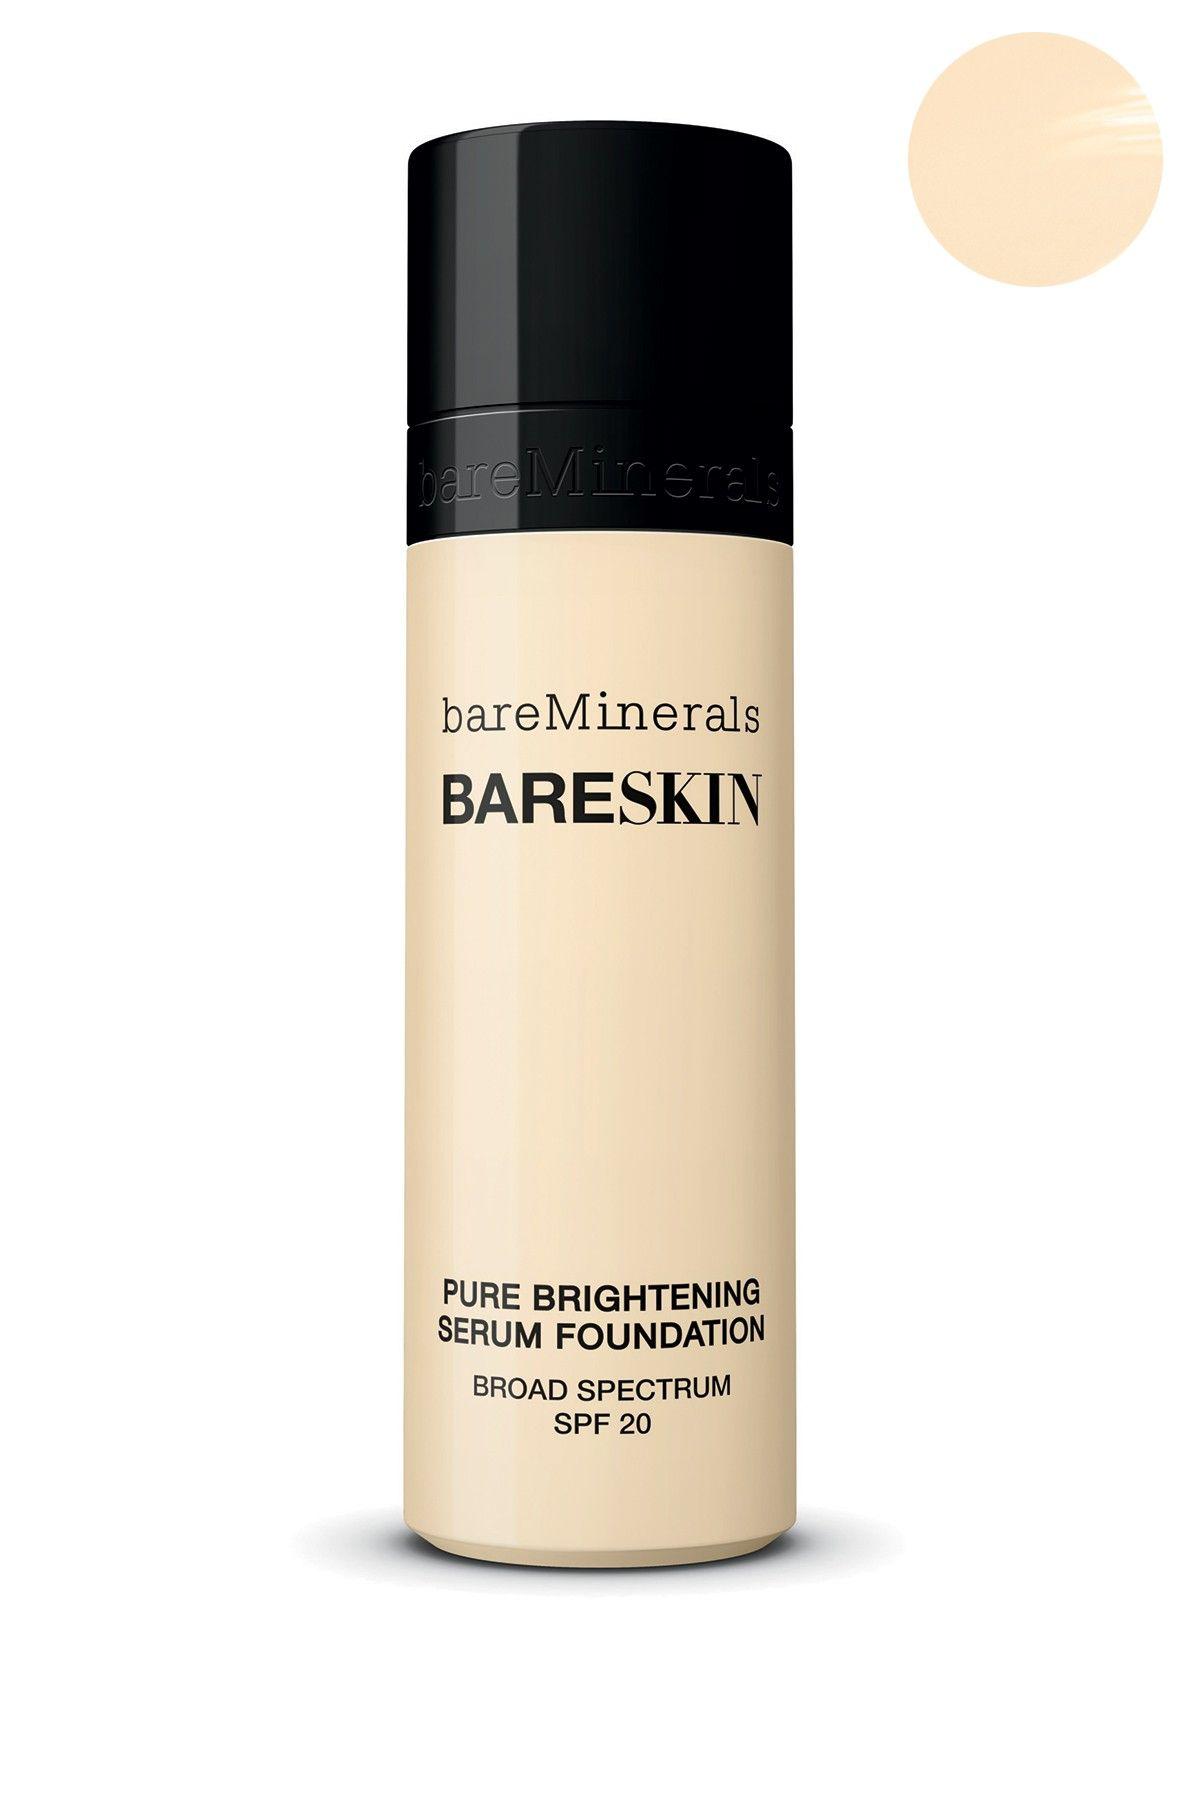 Bare Escentuals Bareskin Serum Foundation Spf 20 Porcelain Nordstrom Rack Bare Minerals Bare Skin Makeup Brushes Guide Bareminerals